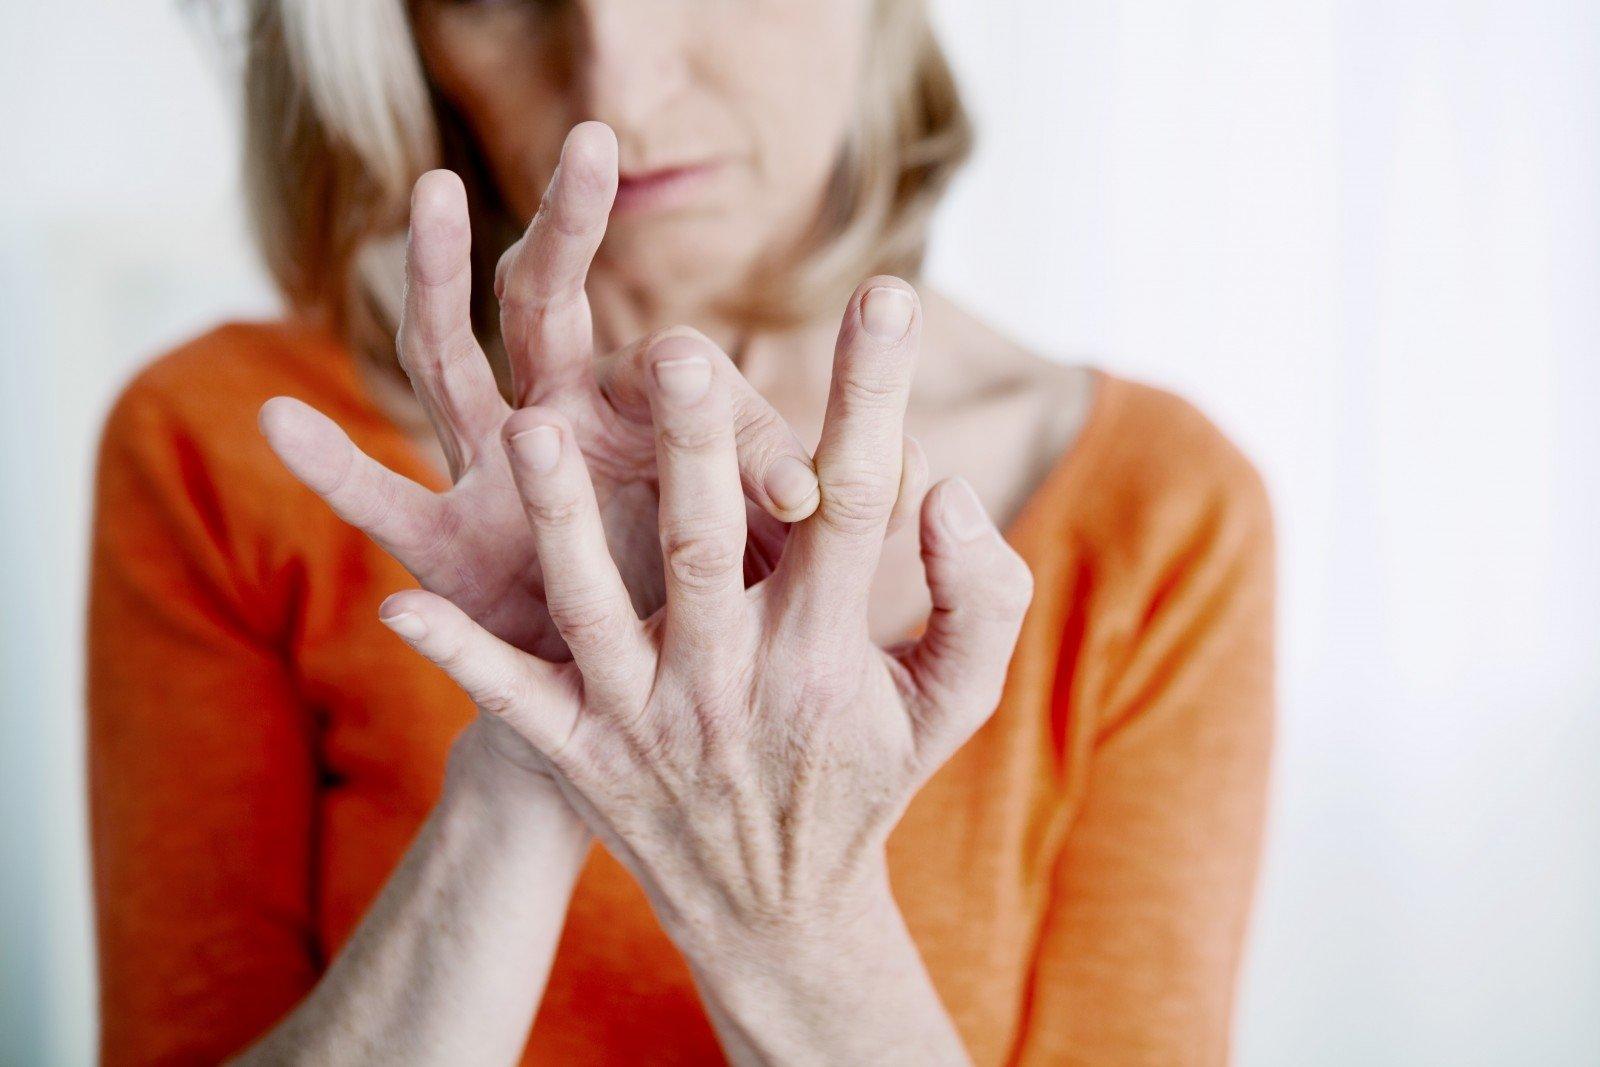 medicinos gydymas argroza skausmas iš liaudies gynimo kojų sąnarių